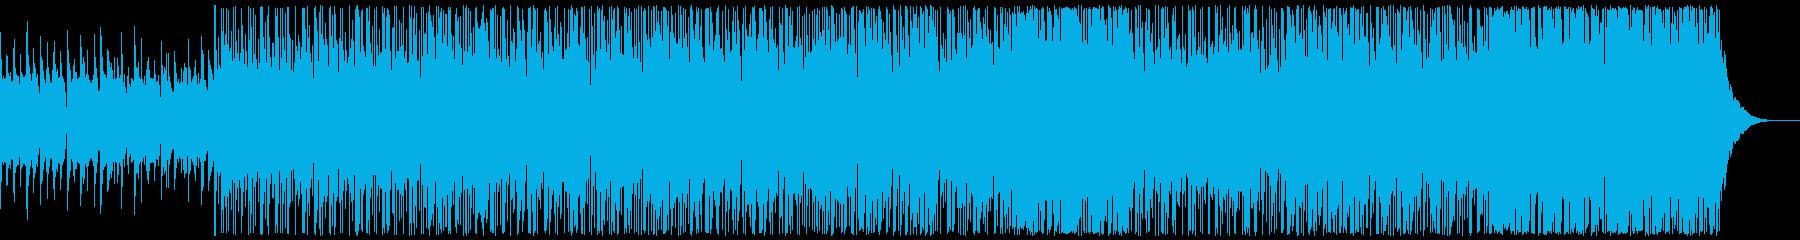 ゆったりとした広がりのある曲の再生済みの波形